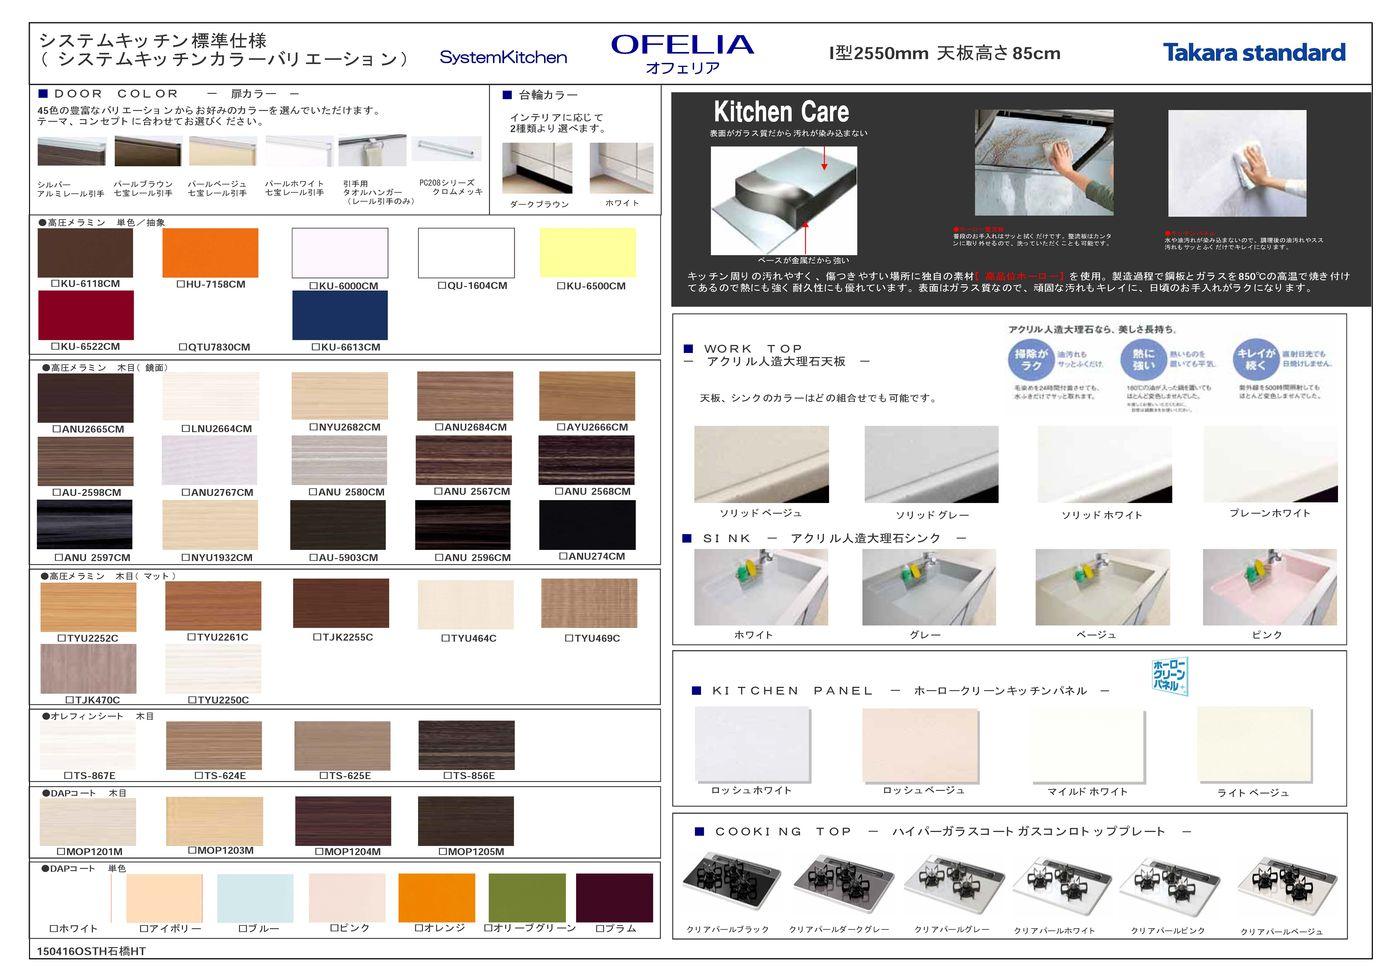 システムキッチン標準仕様 オフェリア I型2550mm 天板高さ85cm Takara standard